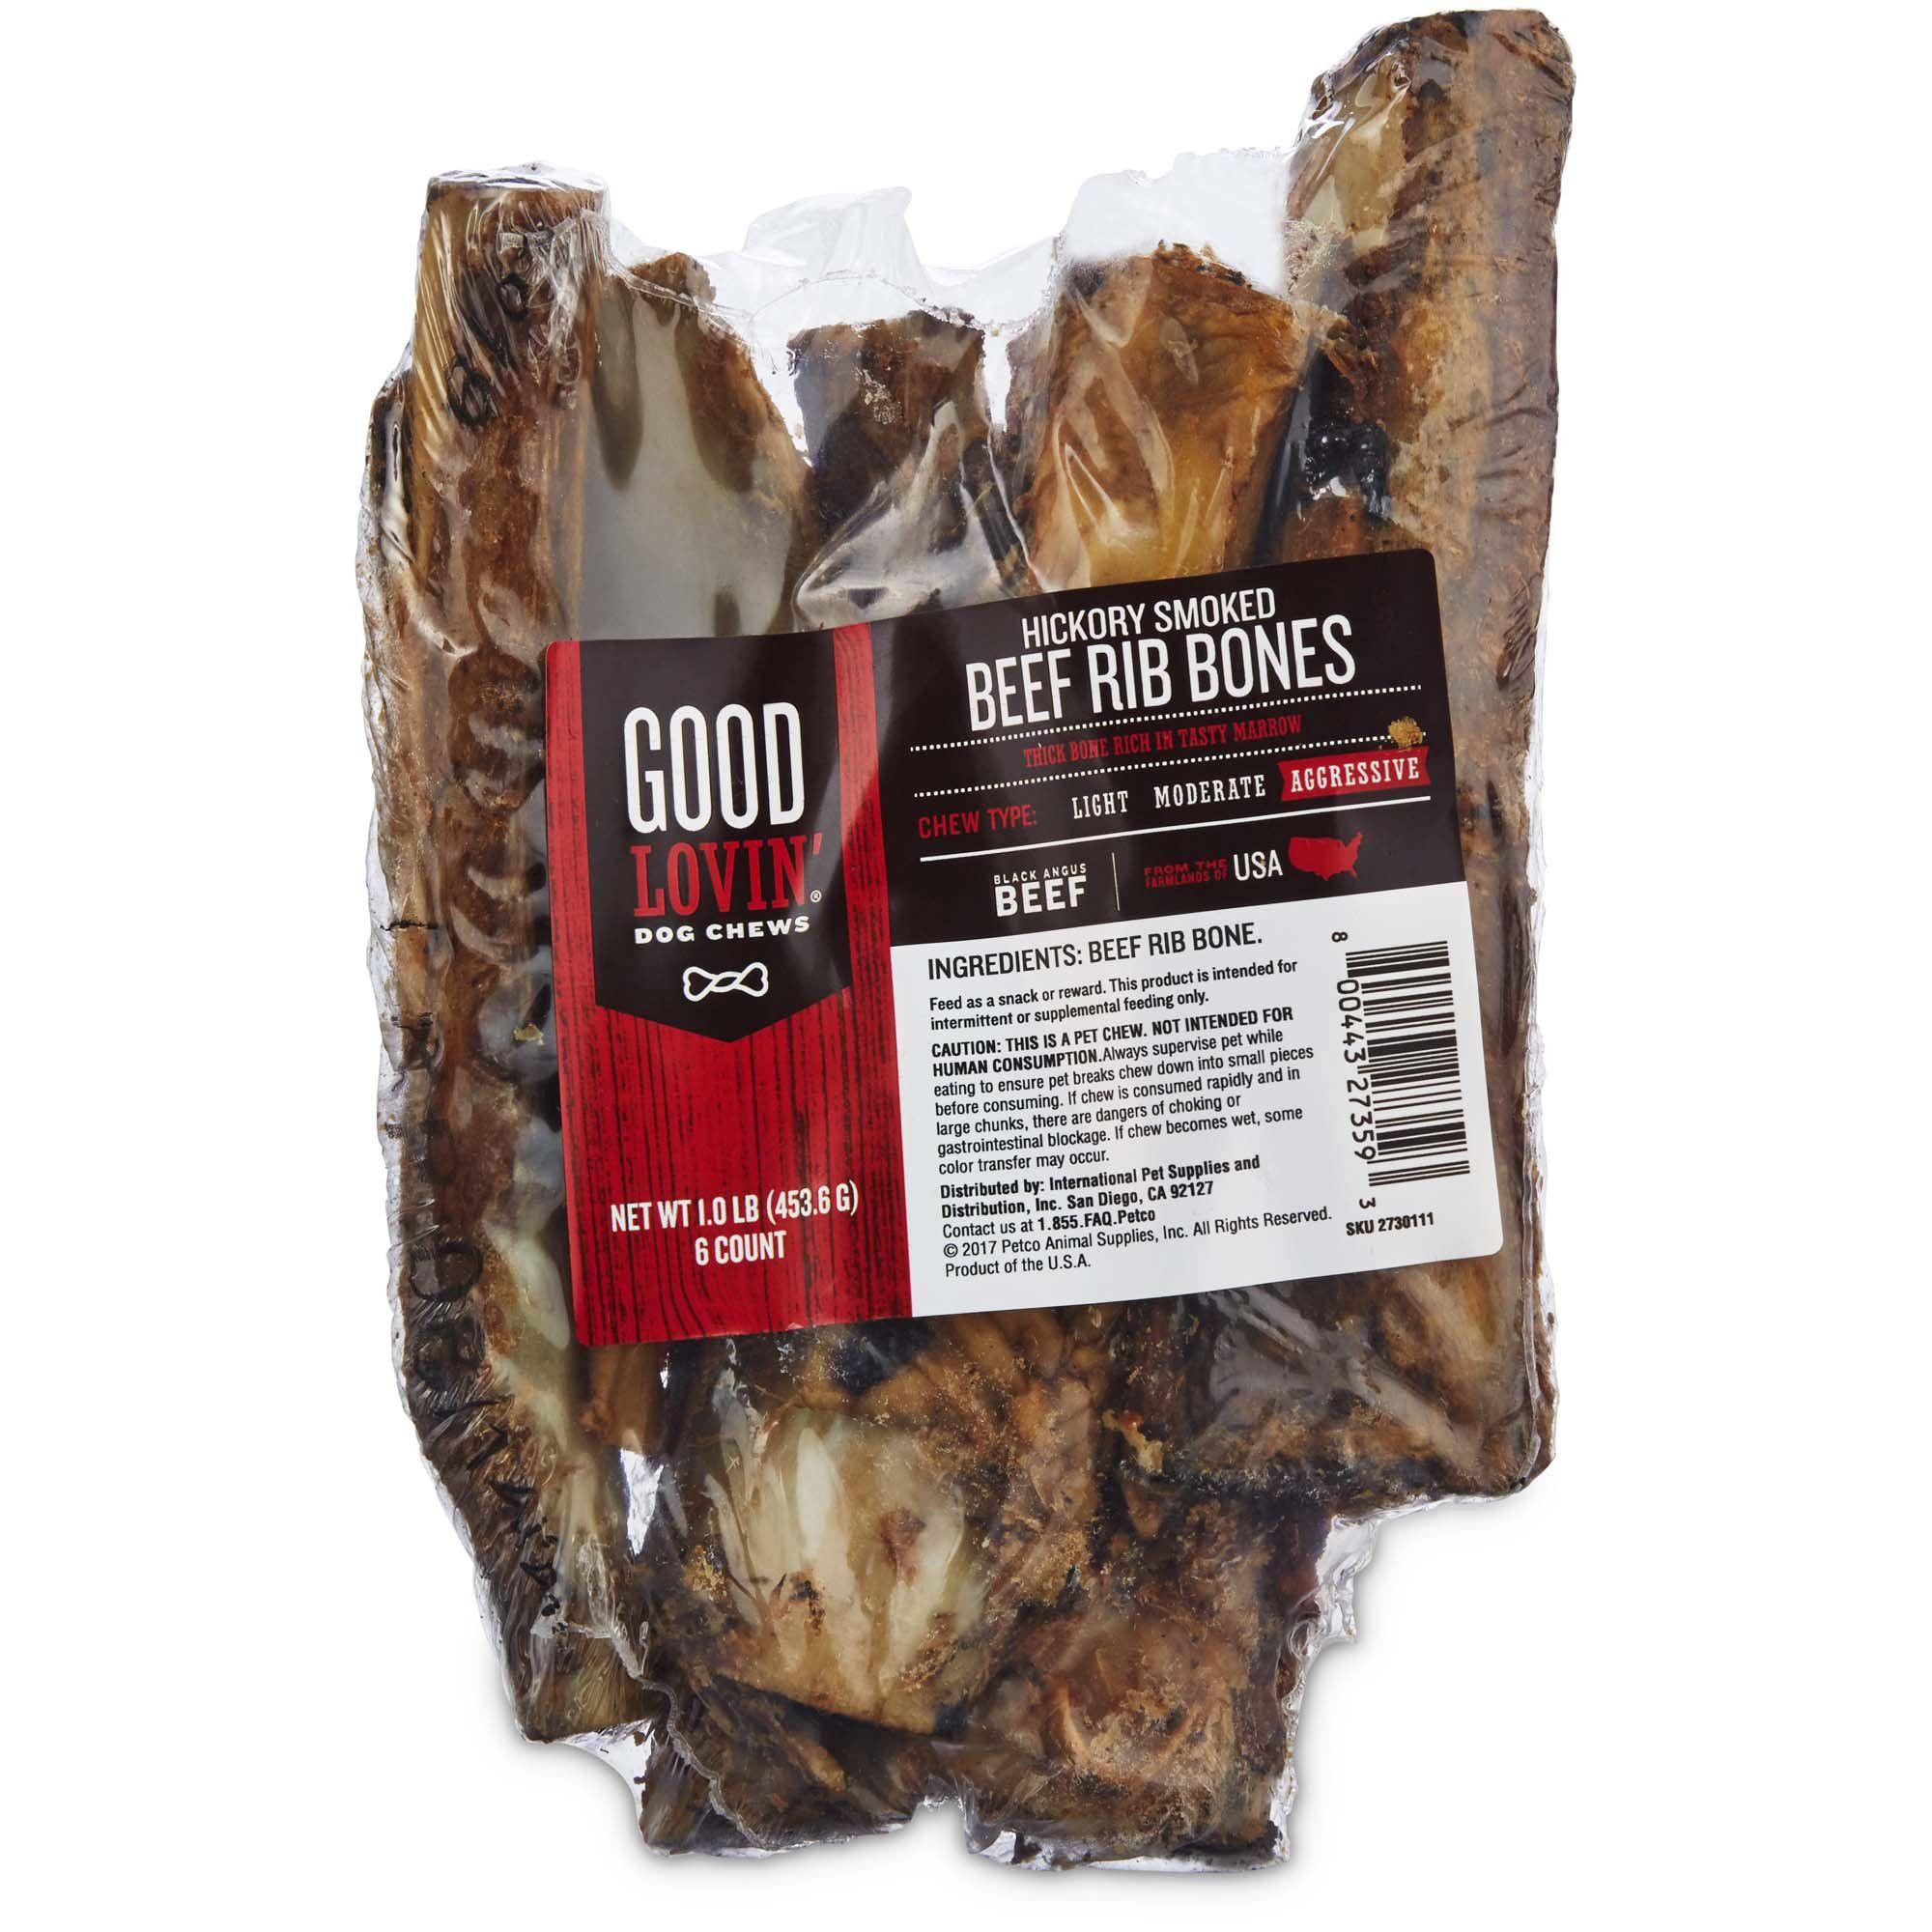 Good Lovin Hickory Smoked Rib Bone Dog Chew Pack of 6  Petco  Good Lovin Hickory Smoked Rib Bone Dog Chew Pack of 6 1 LBS